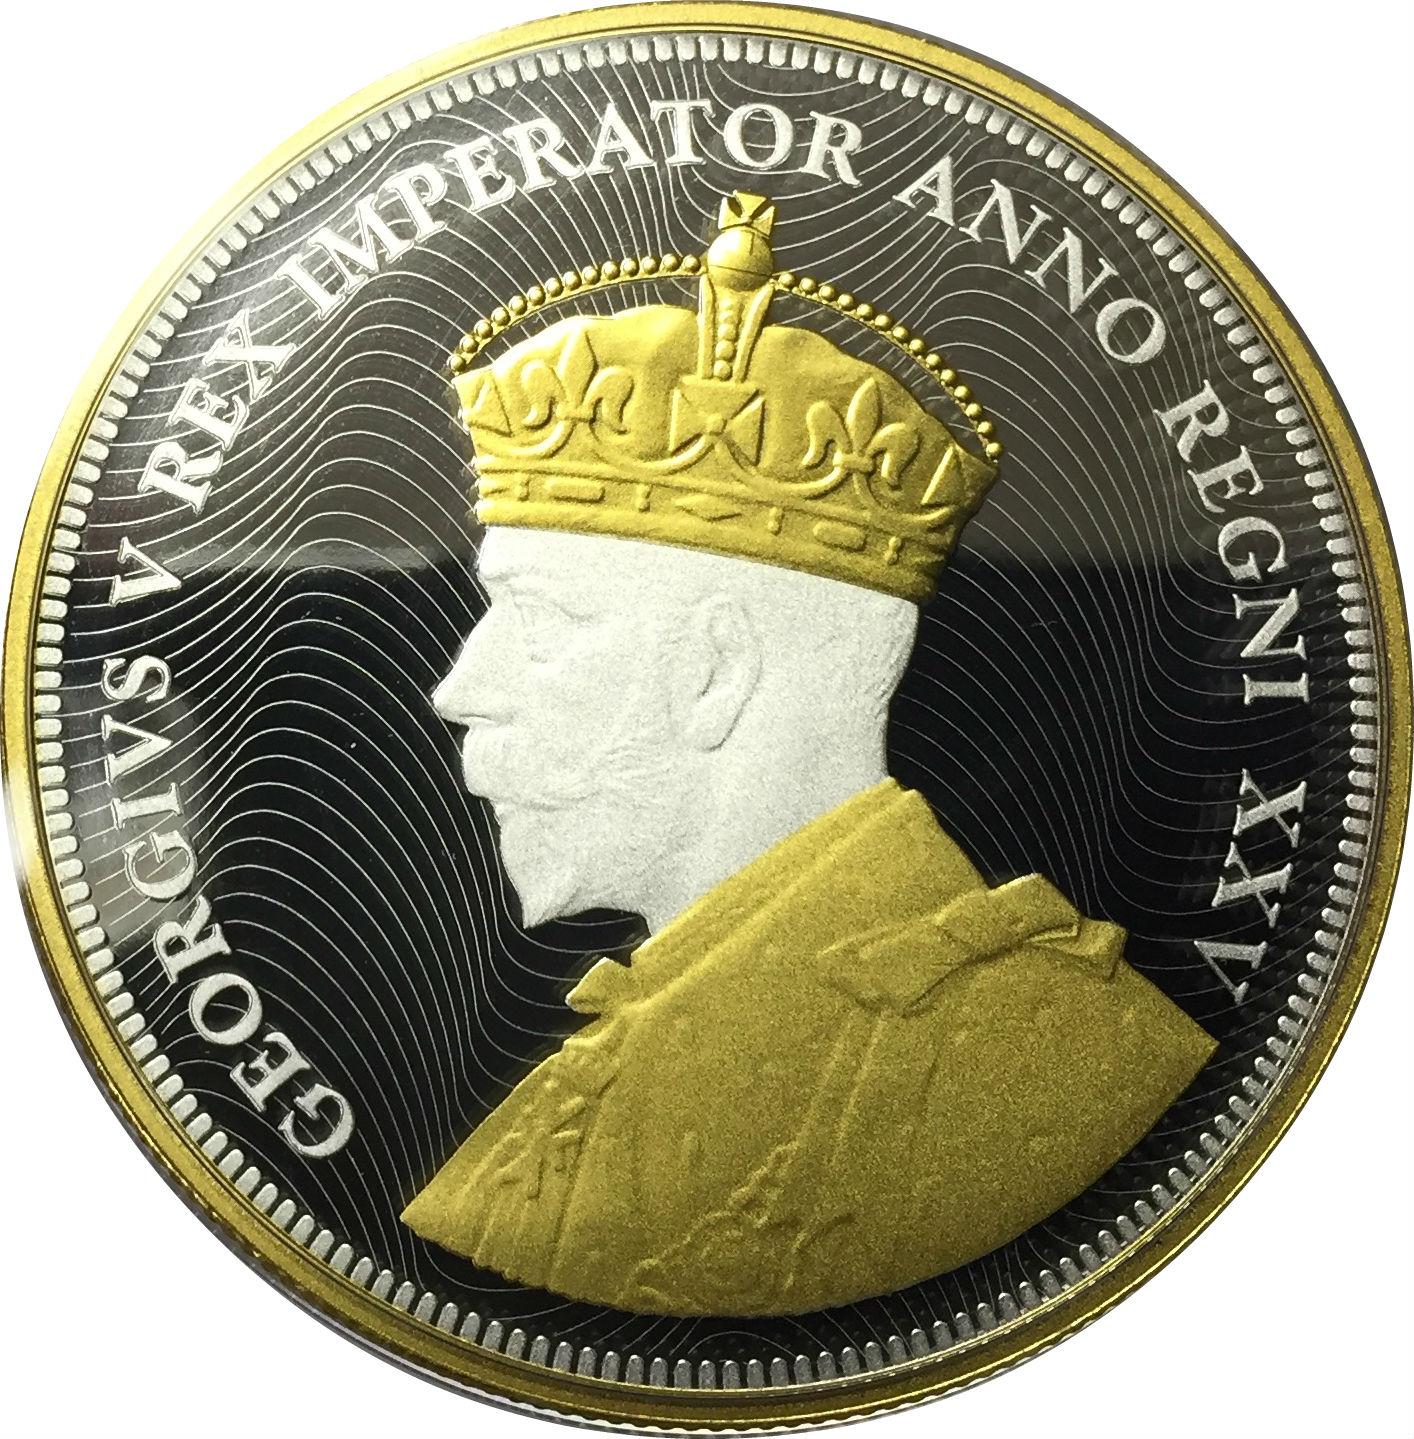 1 Dollar Elizabeth Ii George V Voyageur Canada